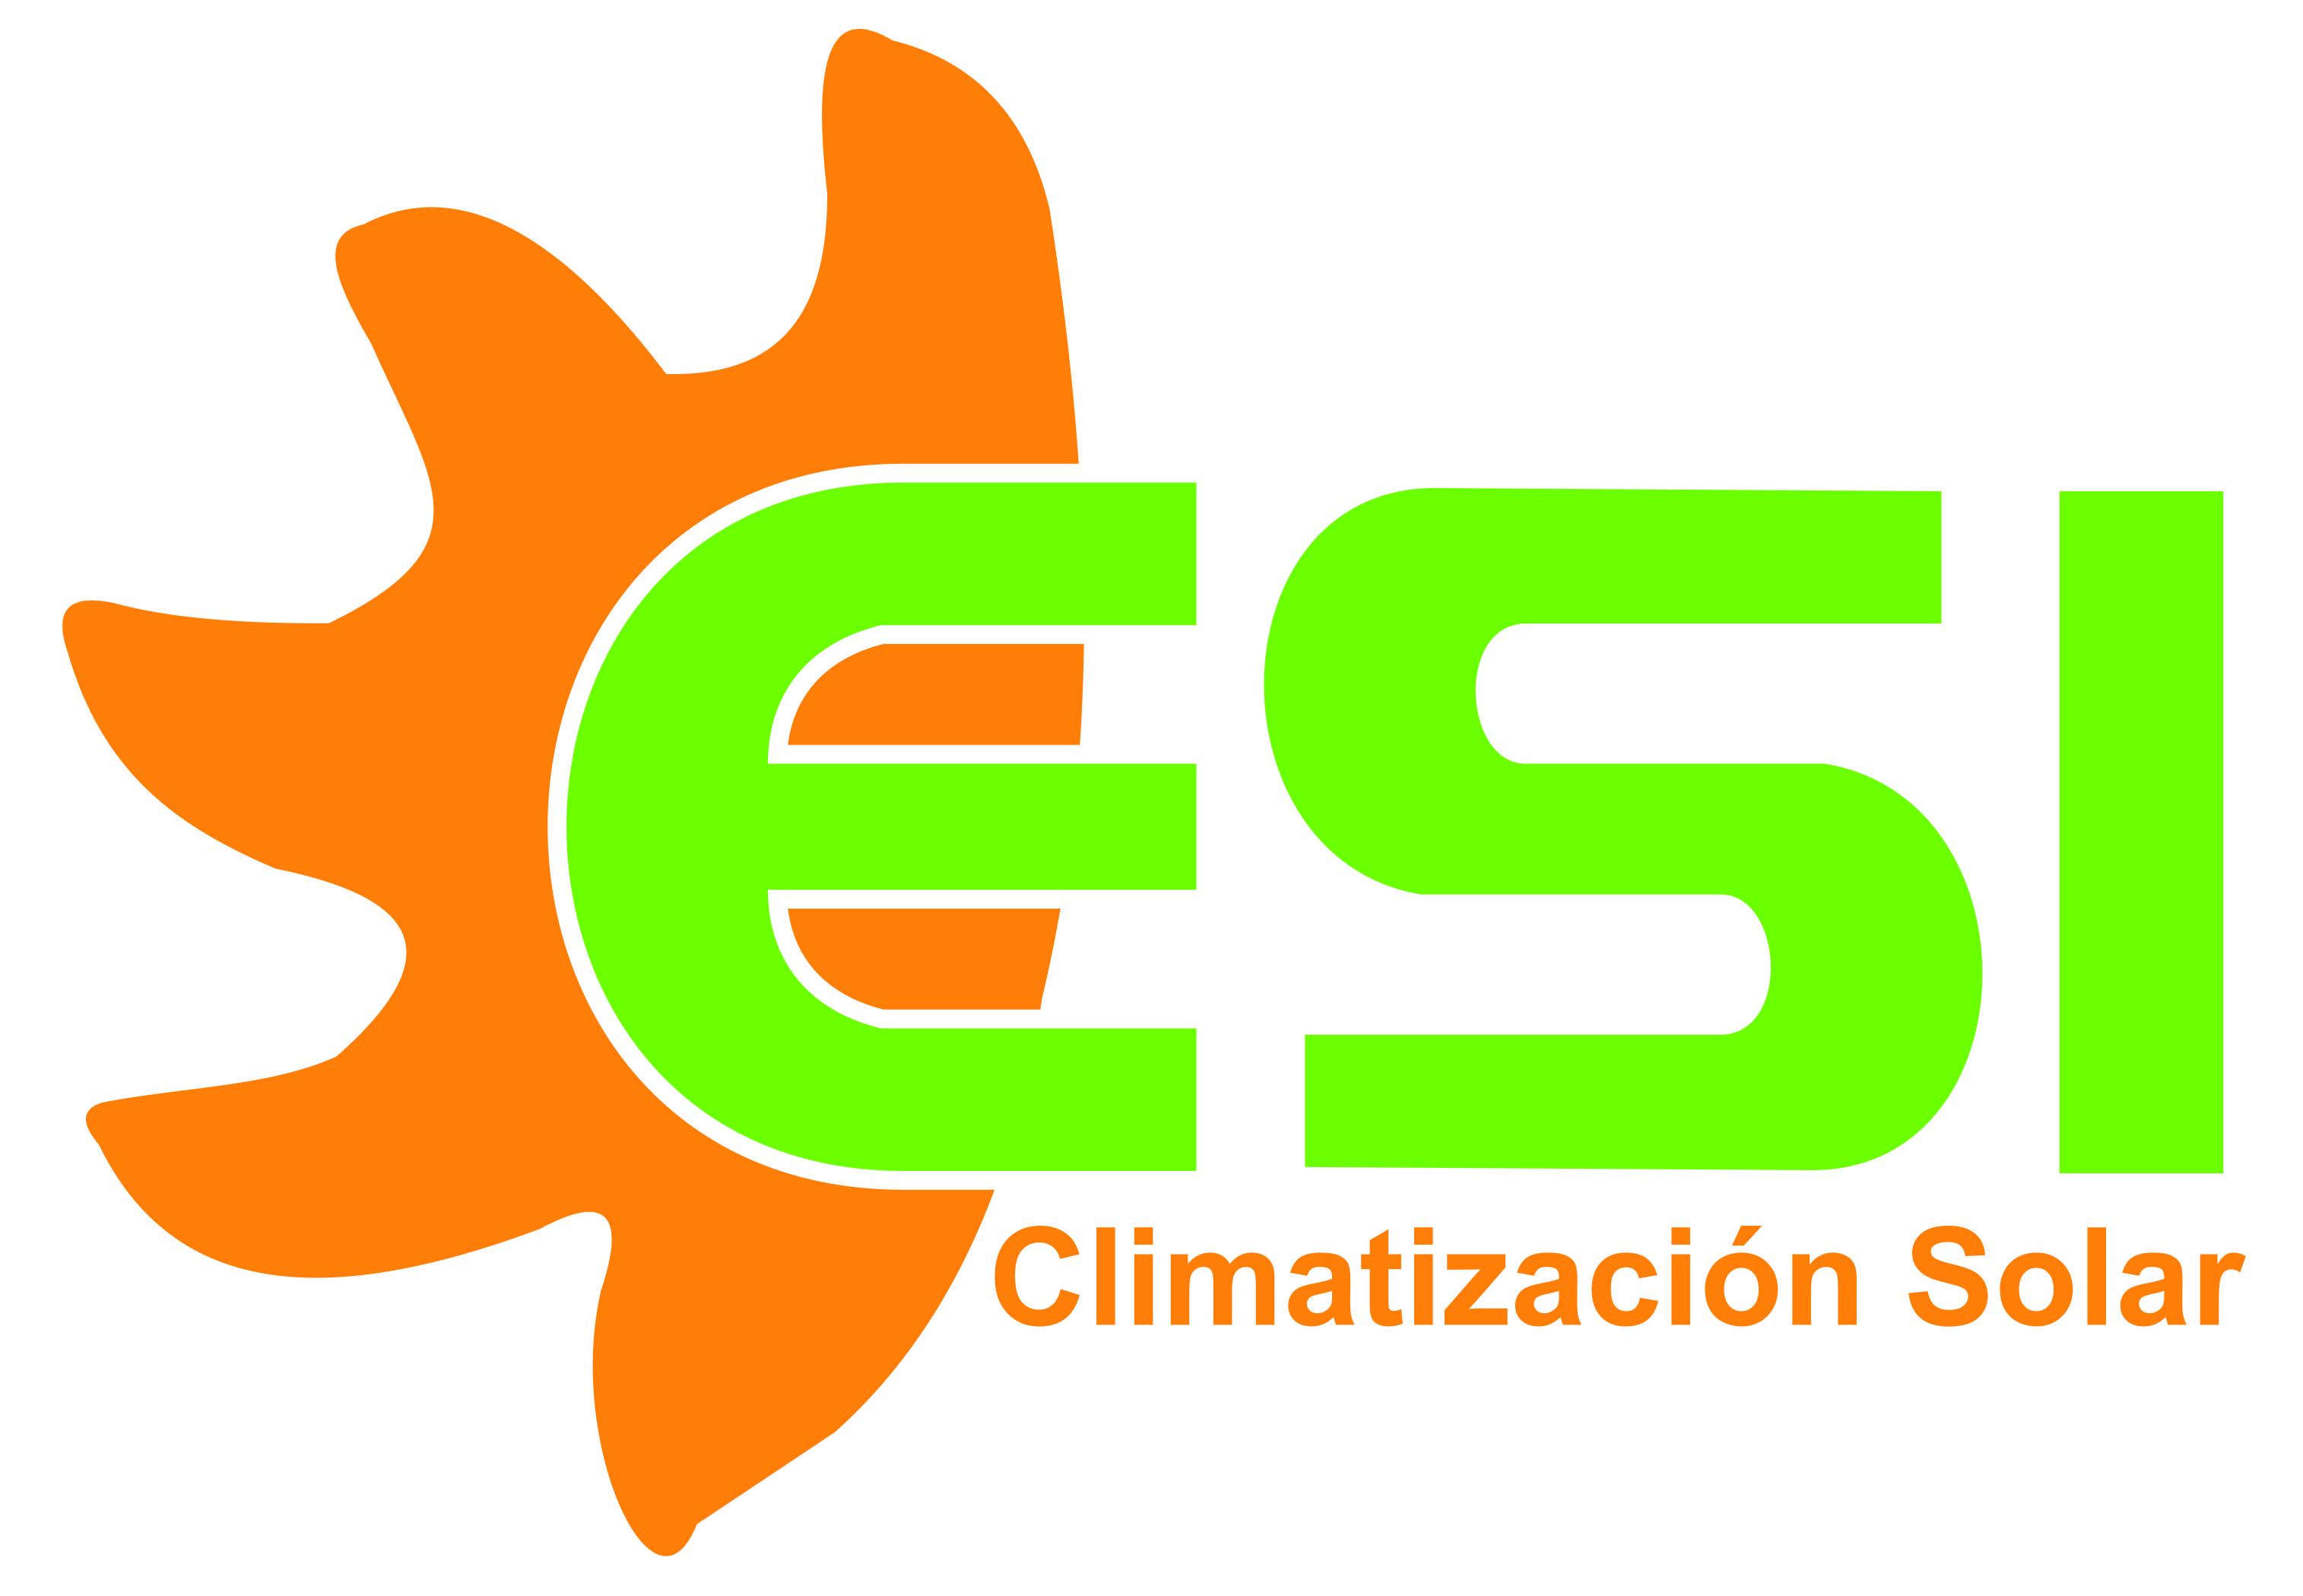 Emisiones CO2 evitadas por Energía Solar Innovación en agosto de 2012